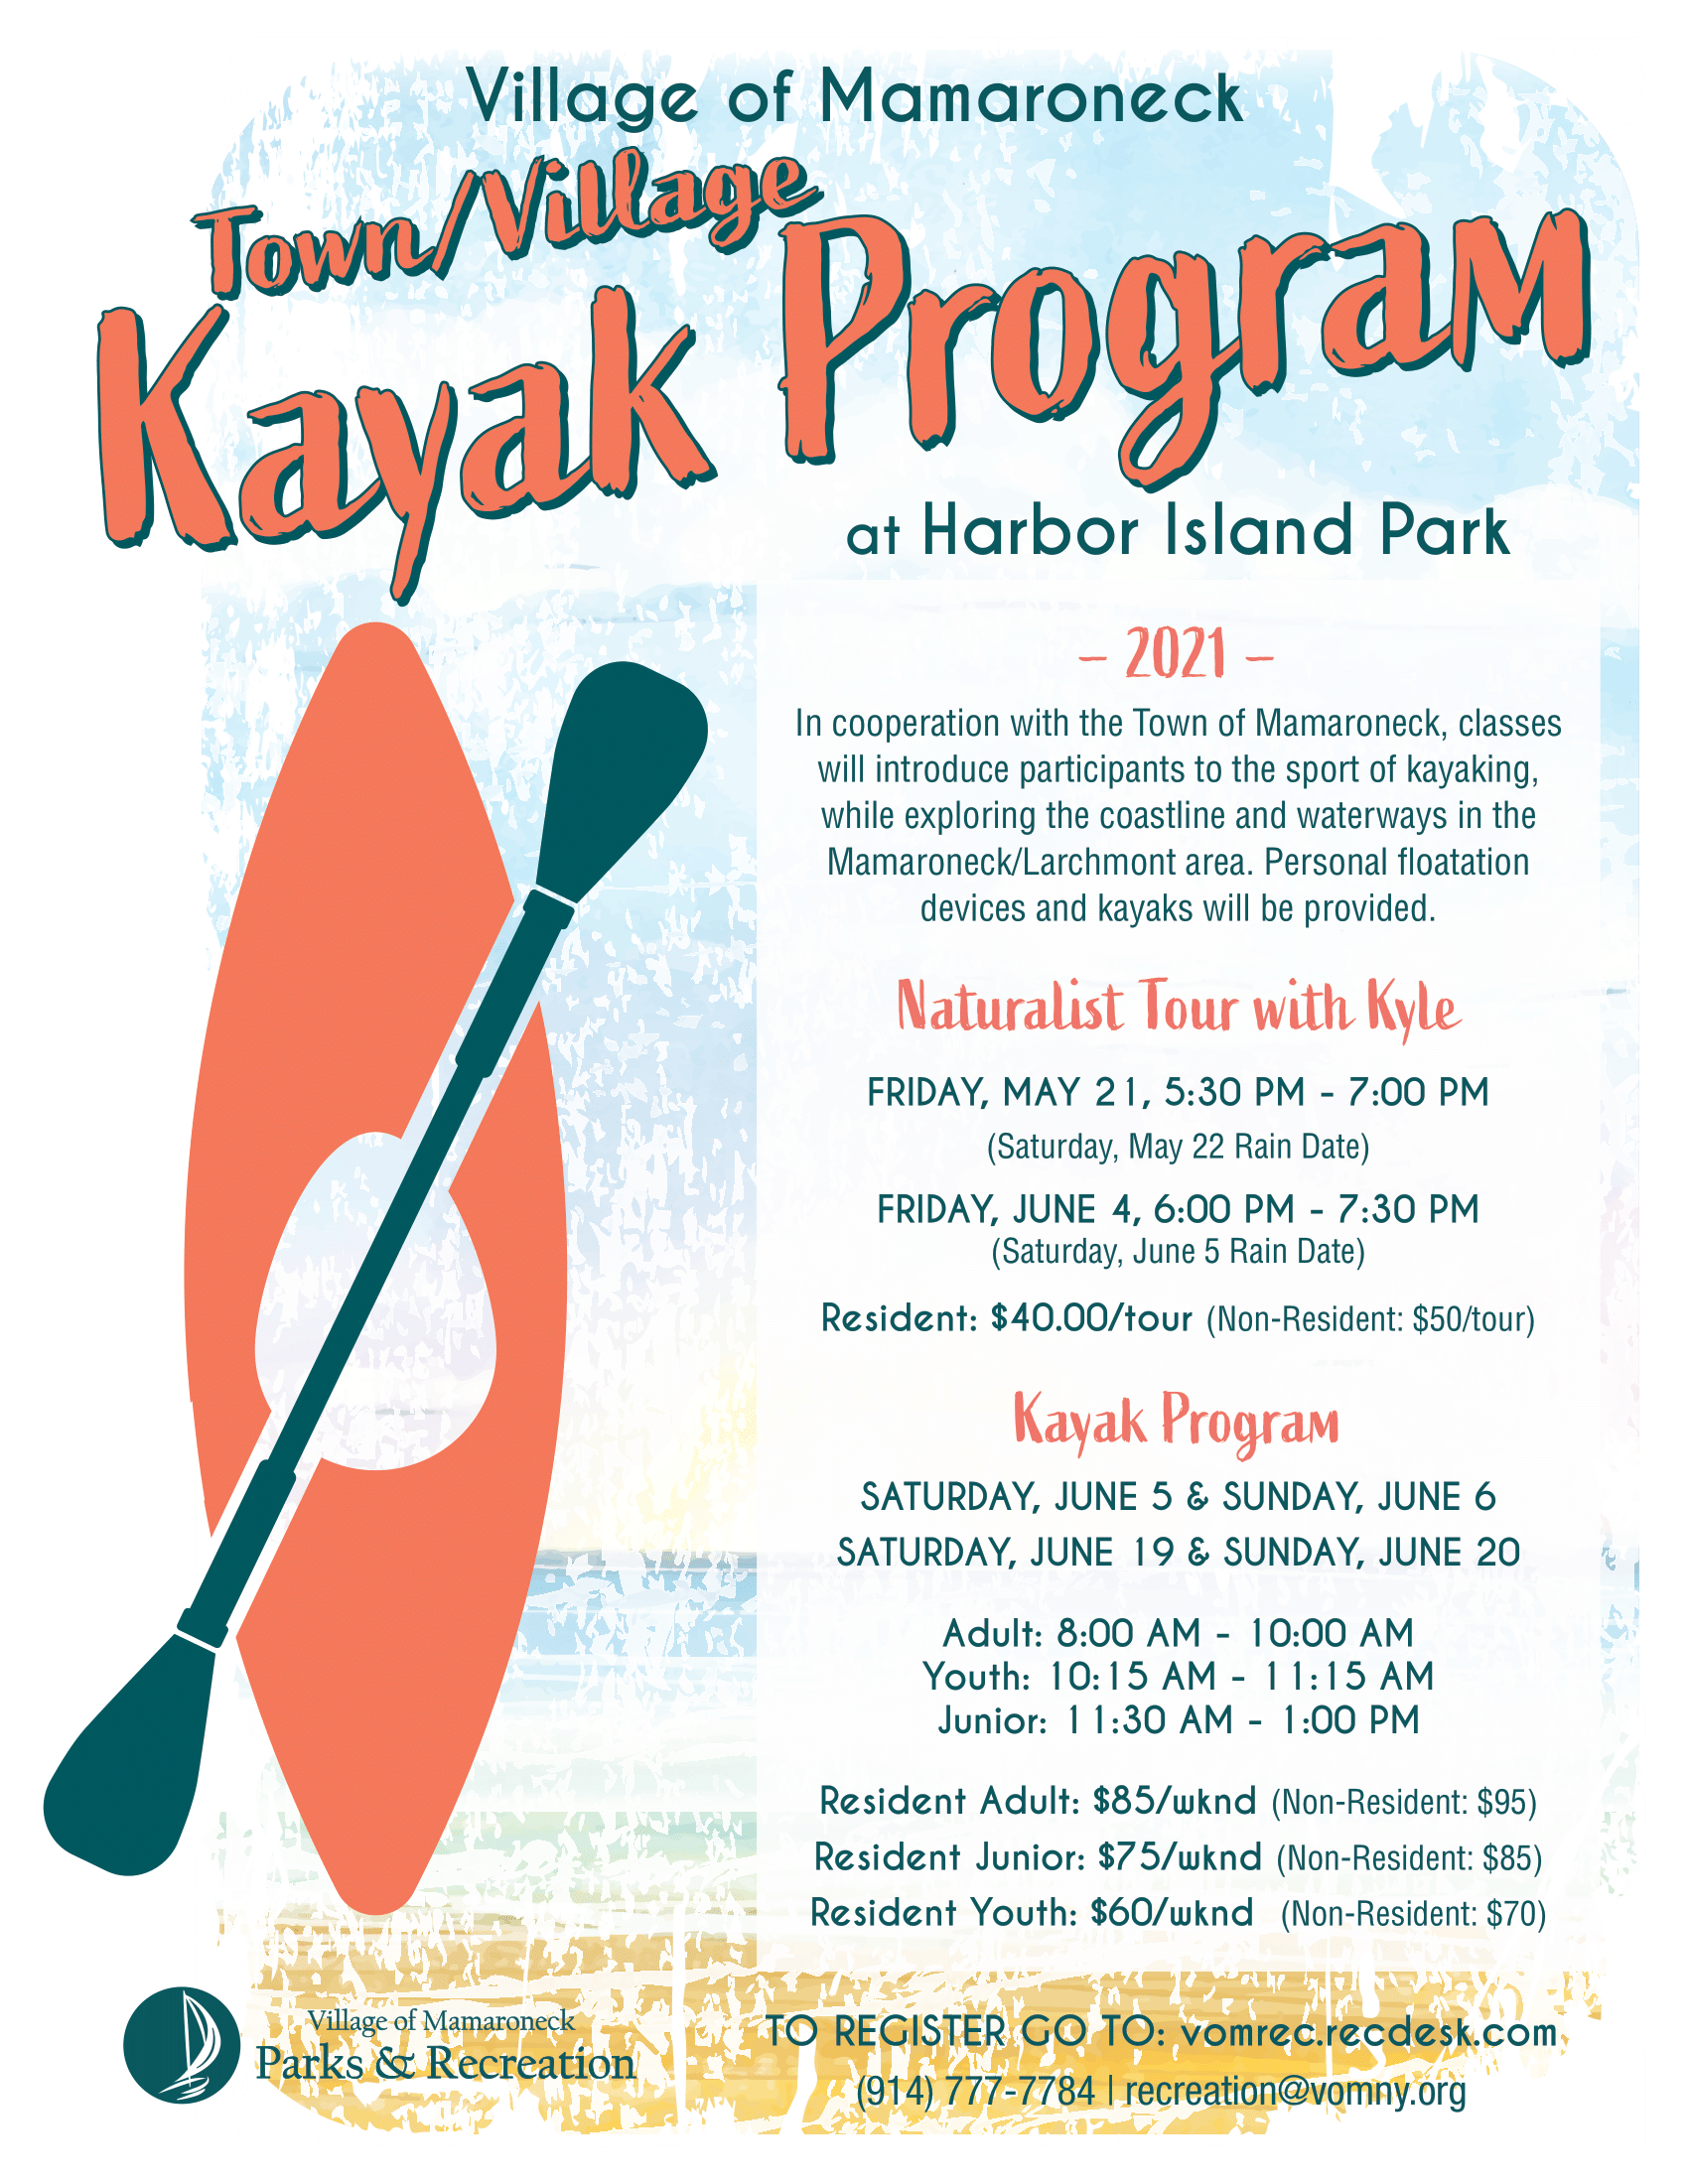 Town Village Kayak Program 2021